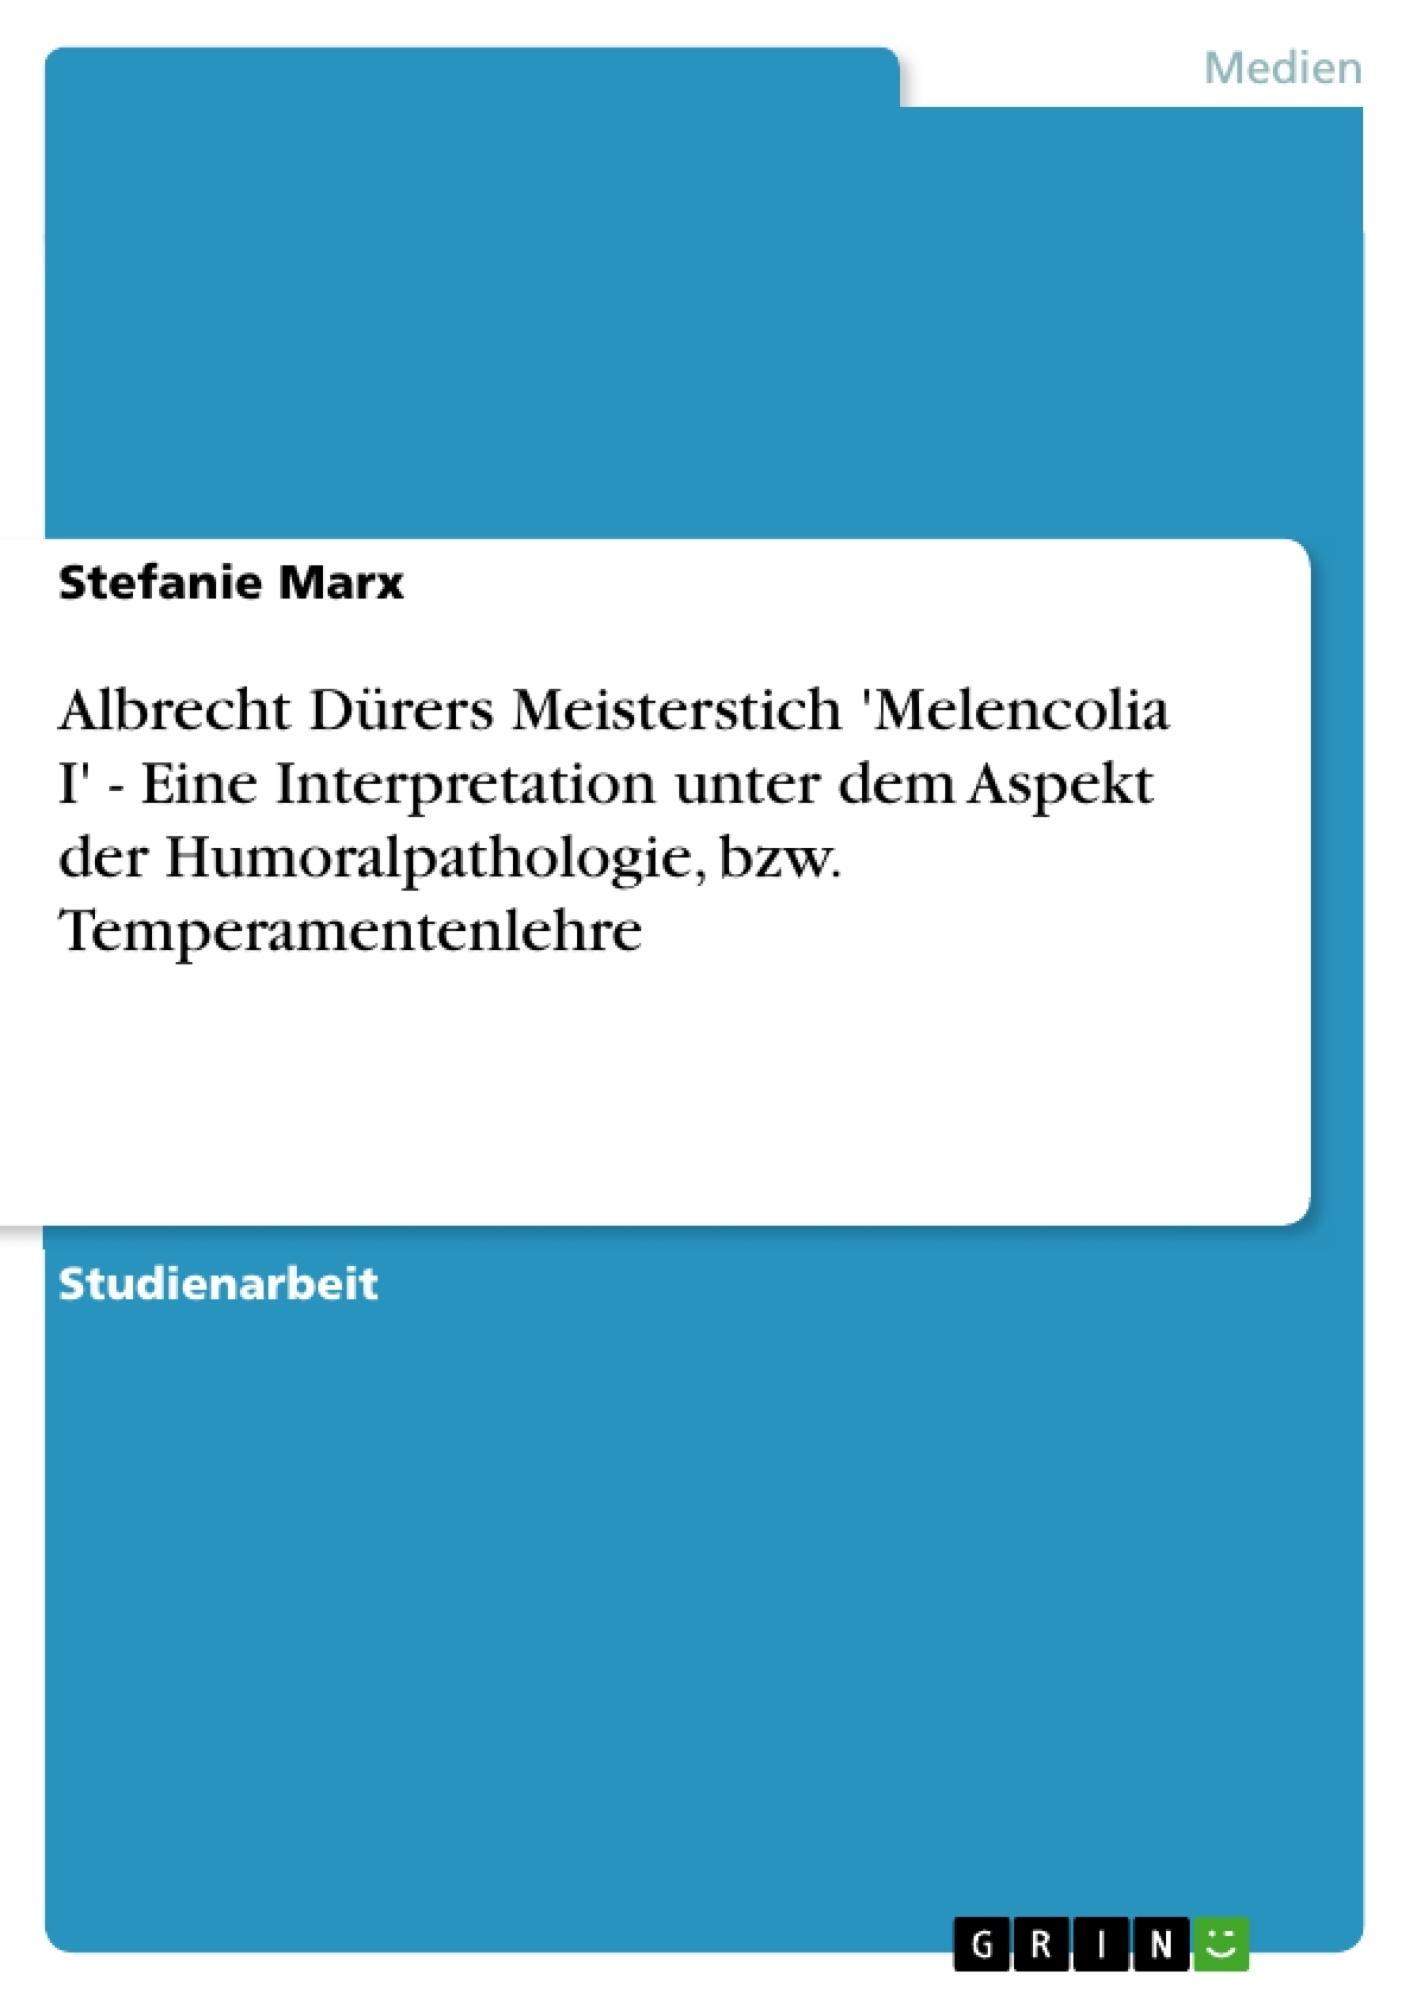 Titel: Albrecht Dürers Meisterstich 'Melencolia I' - Eine Interpretation unter dem Aspekt der Humoralpathologie, bzw. Temperamentenlehre